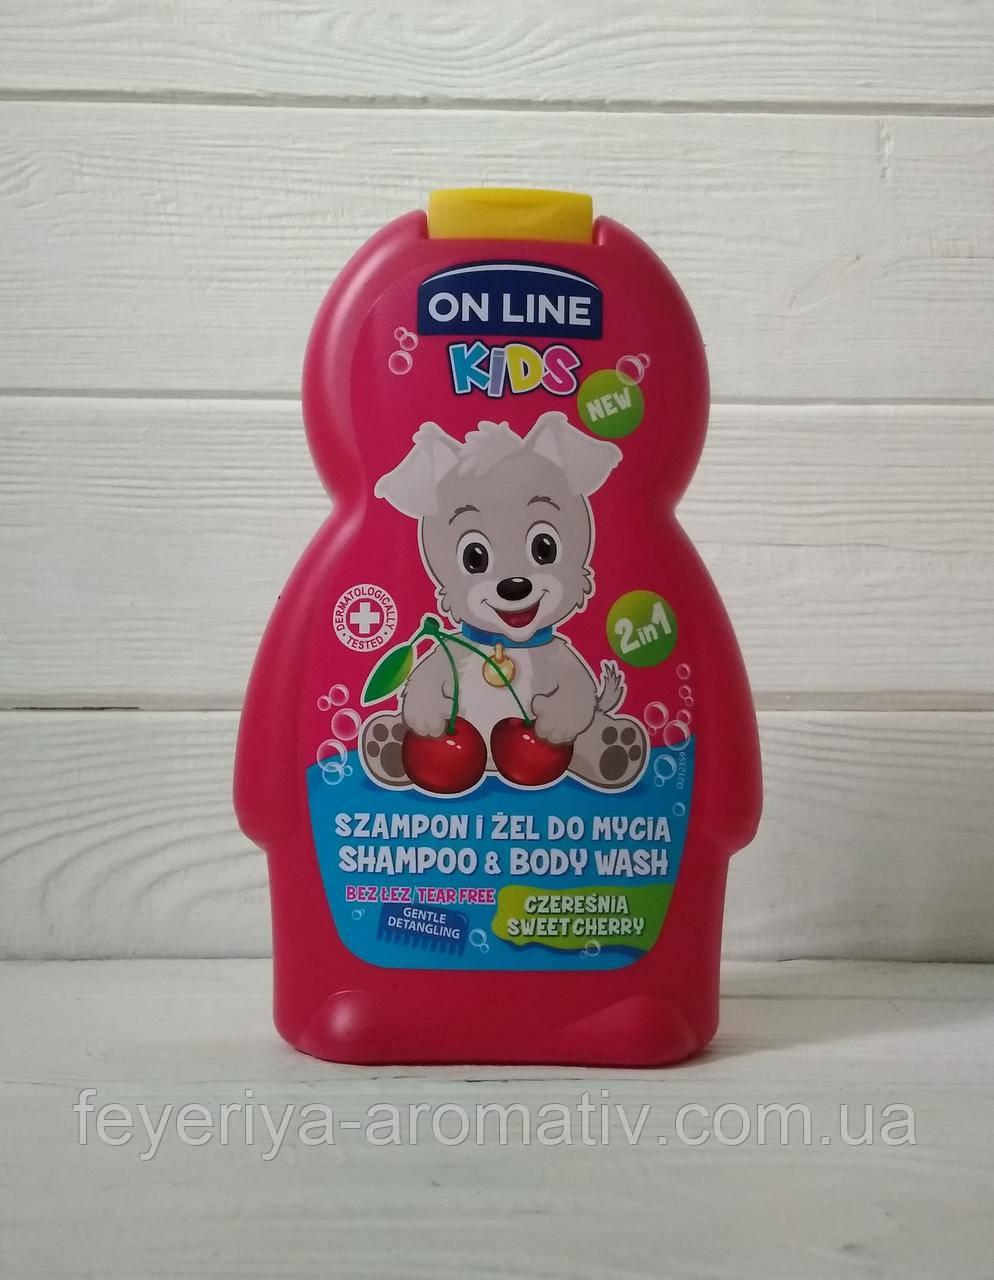 Детский шампунь и гель для мытья On Line Kids 3+ 250 гр (Польша) черешня